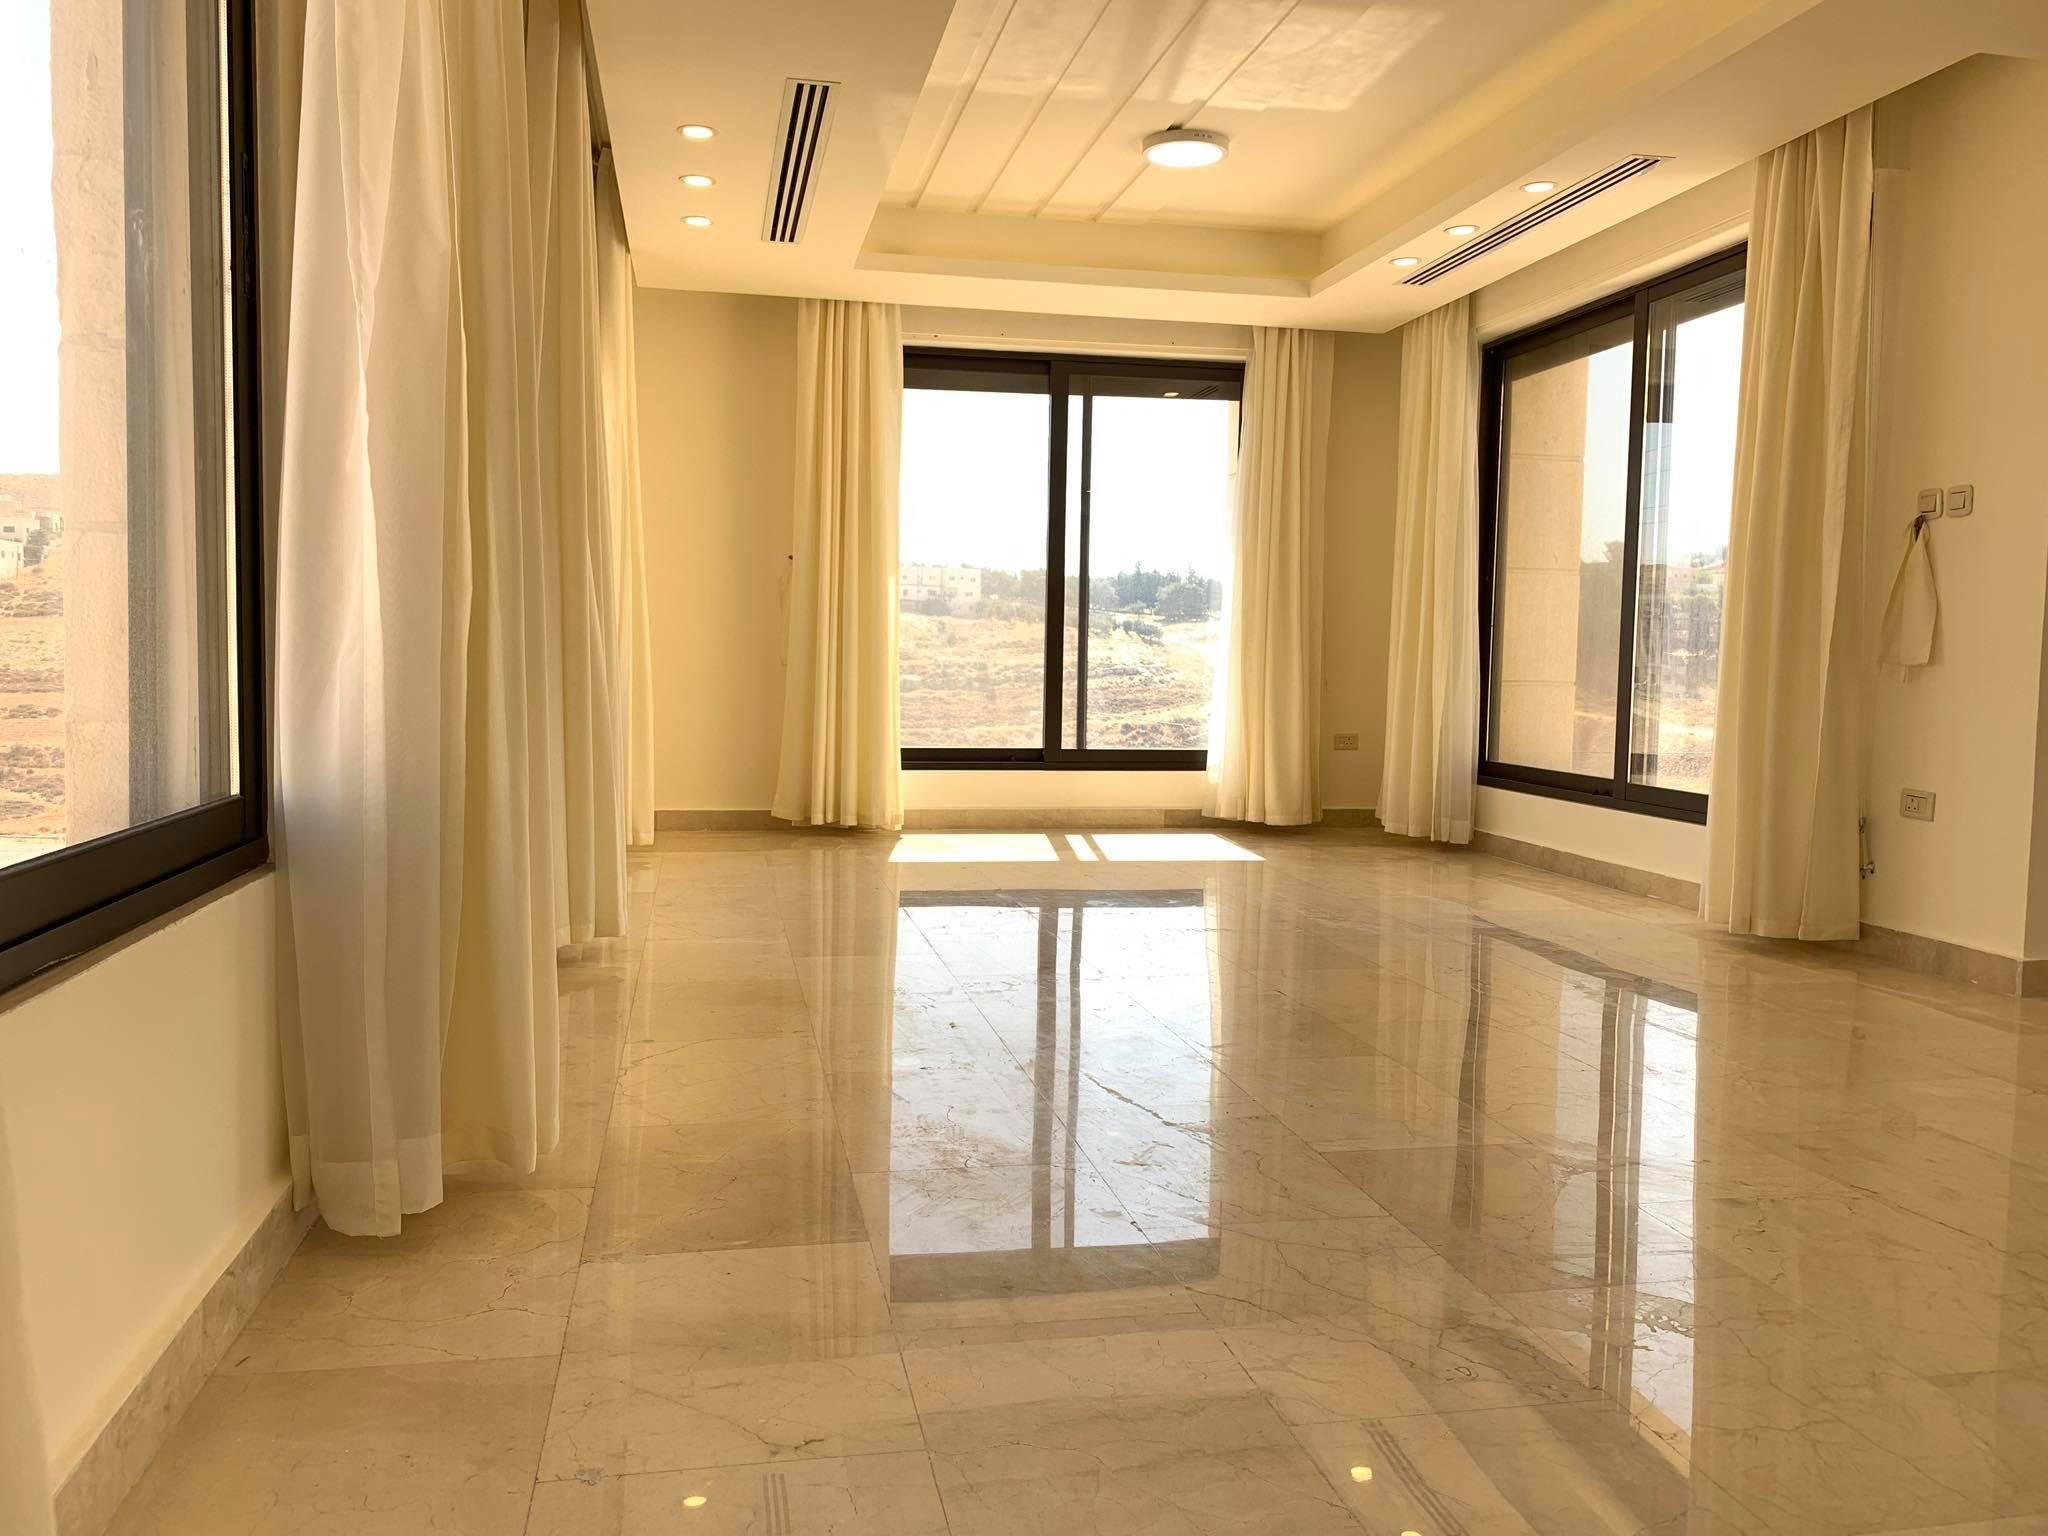 شقة طابقية 236 متر في دير غبار